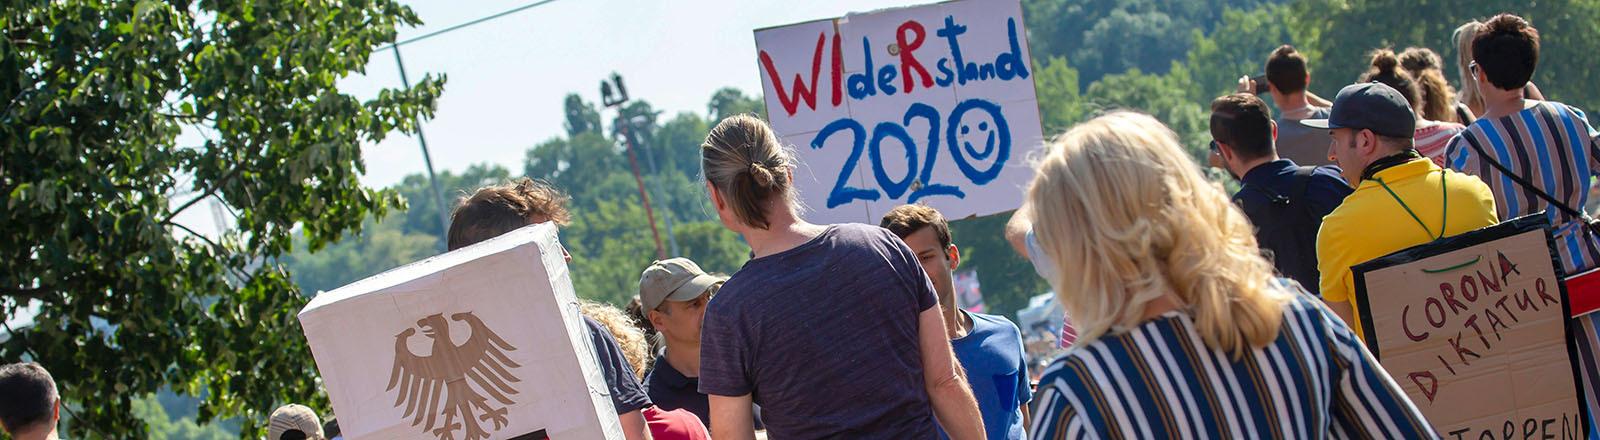 """In Stuttgart demonstrieren Menschen gegen Corona-Beschränkungen. Auf einem Schild steht """"Widerstand 2020"""", auf einem anderen """"Corona Diktatur"""" (16.05.2020)"""